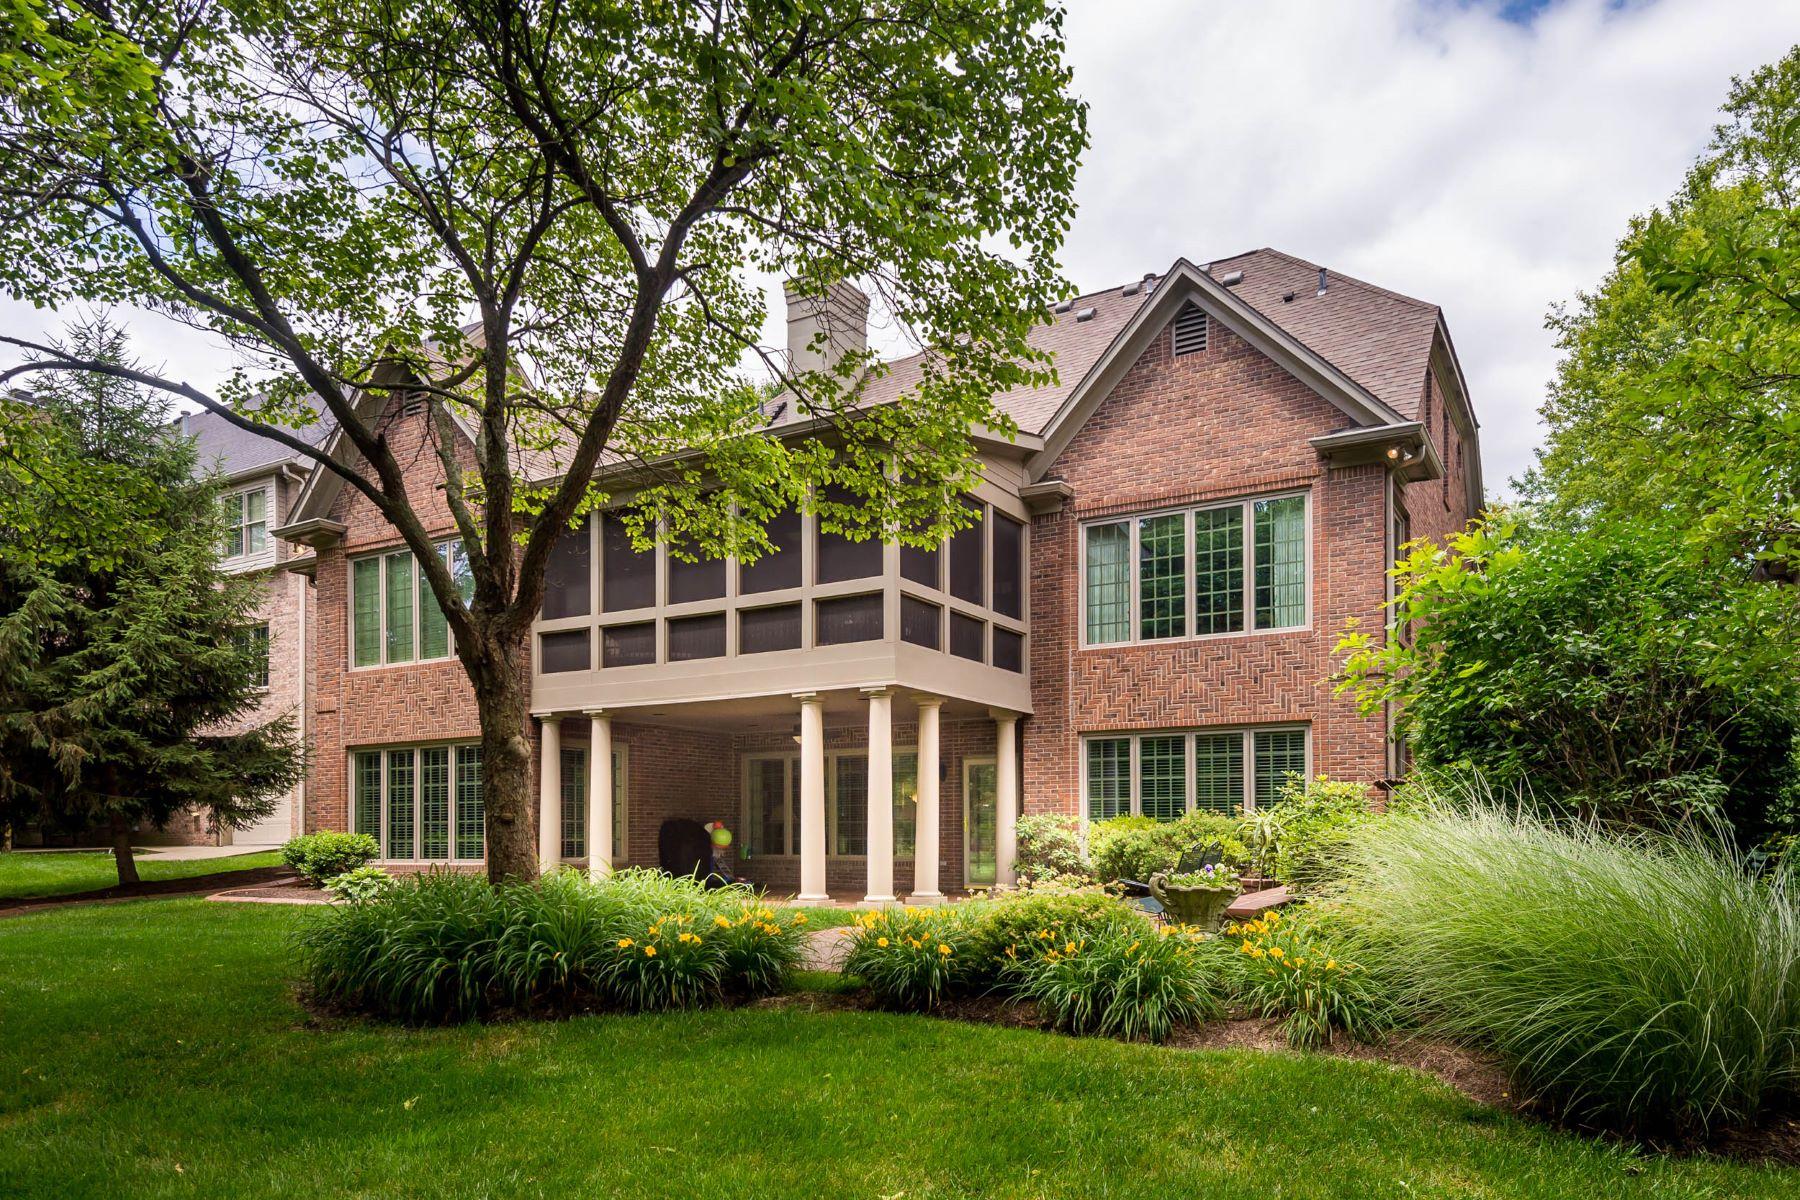 Частный односемейный дом для того Продажа на 3185 Brighton Place Drive Andover Forest, Lexington, Кентукки, 40509 Соединенные Штаты